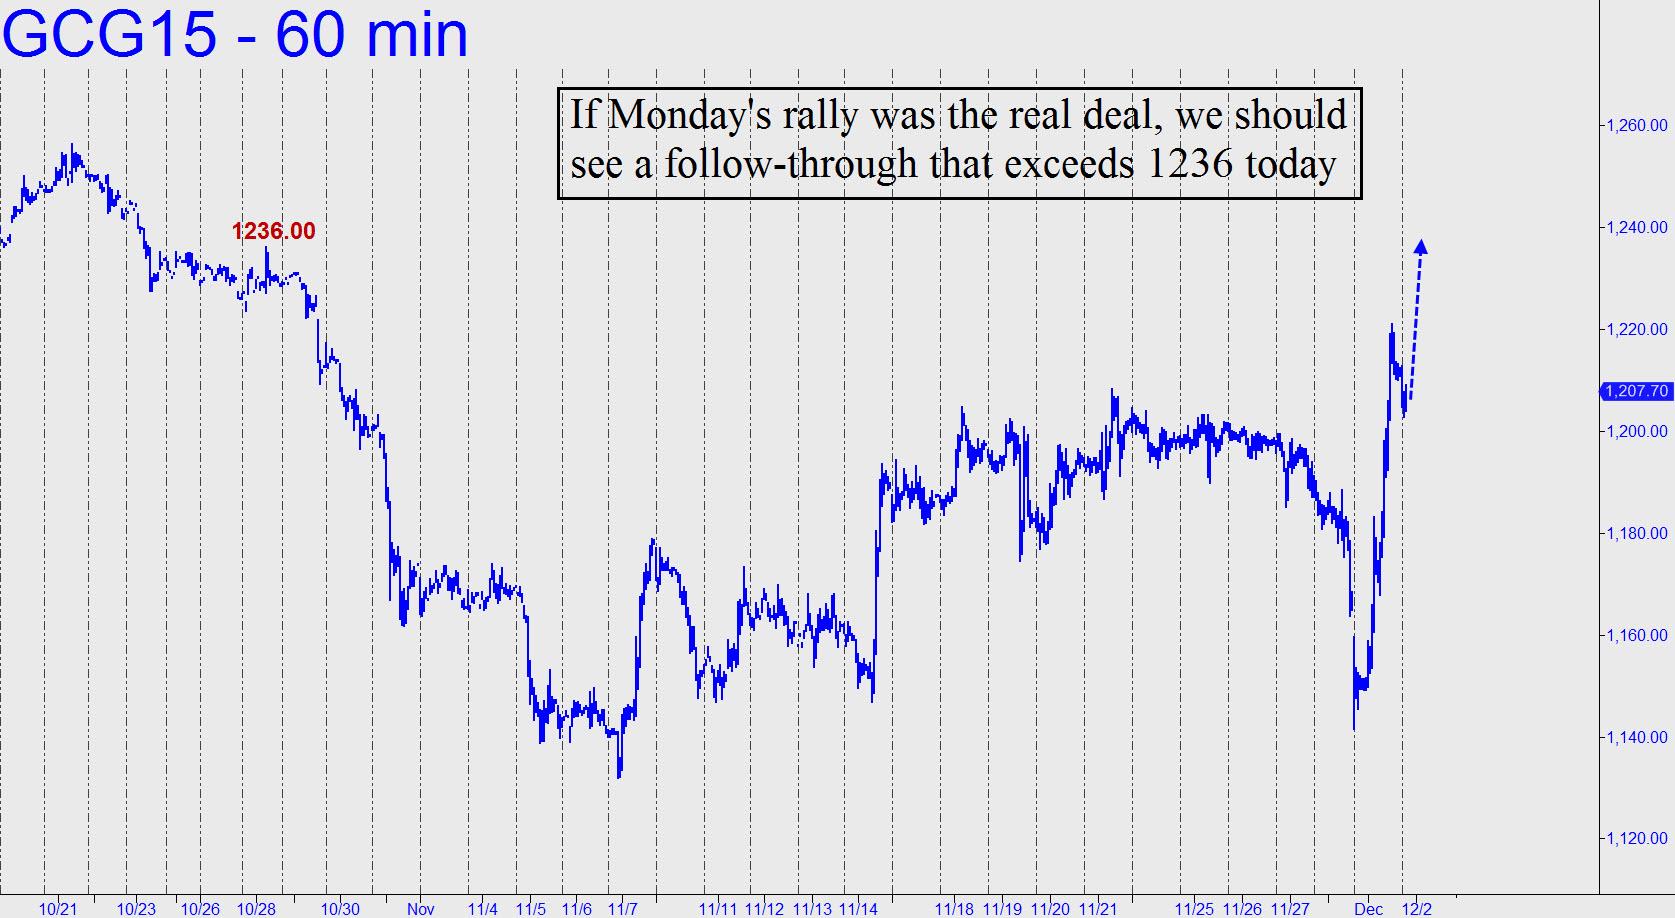 prix de l'or, de l'argent et des minières / suivi quotidien en clôture - Page 15 If-golds-rally-is-the-real-deal